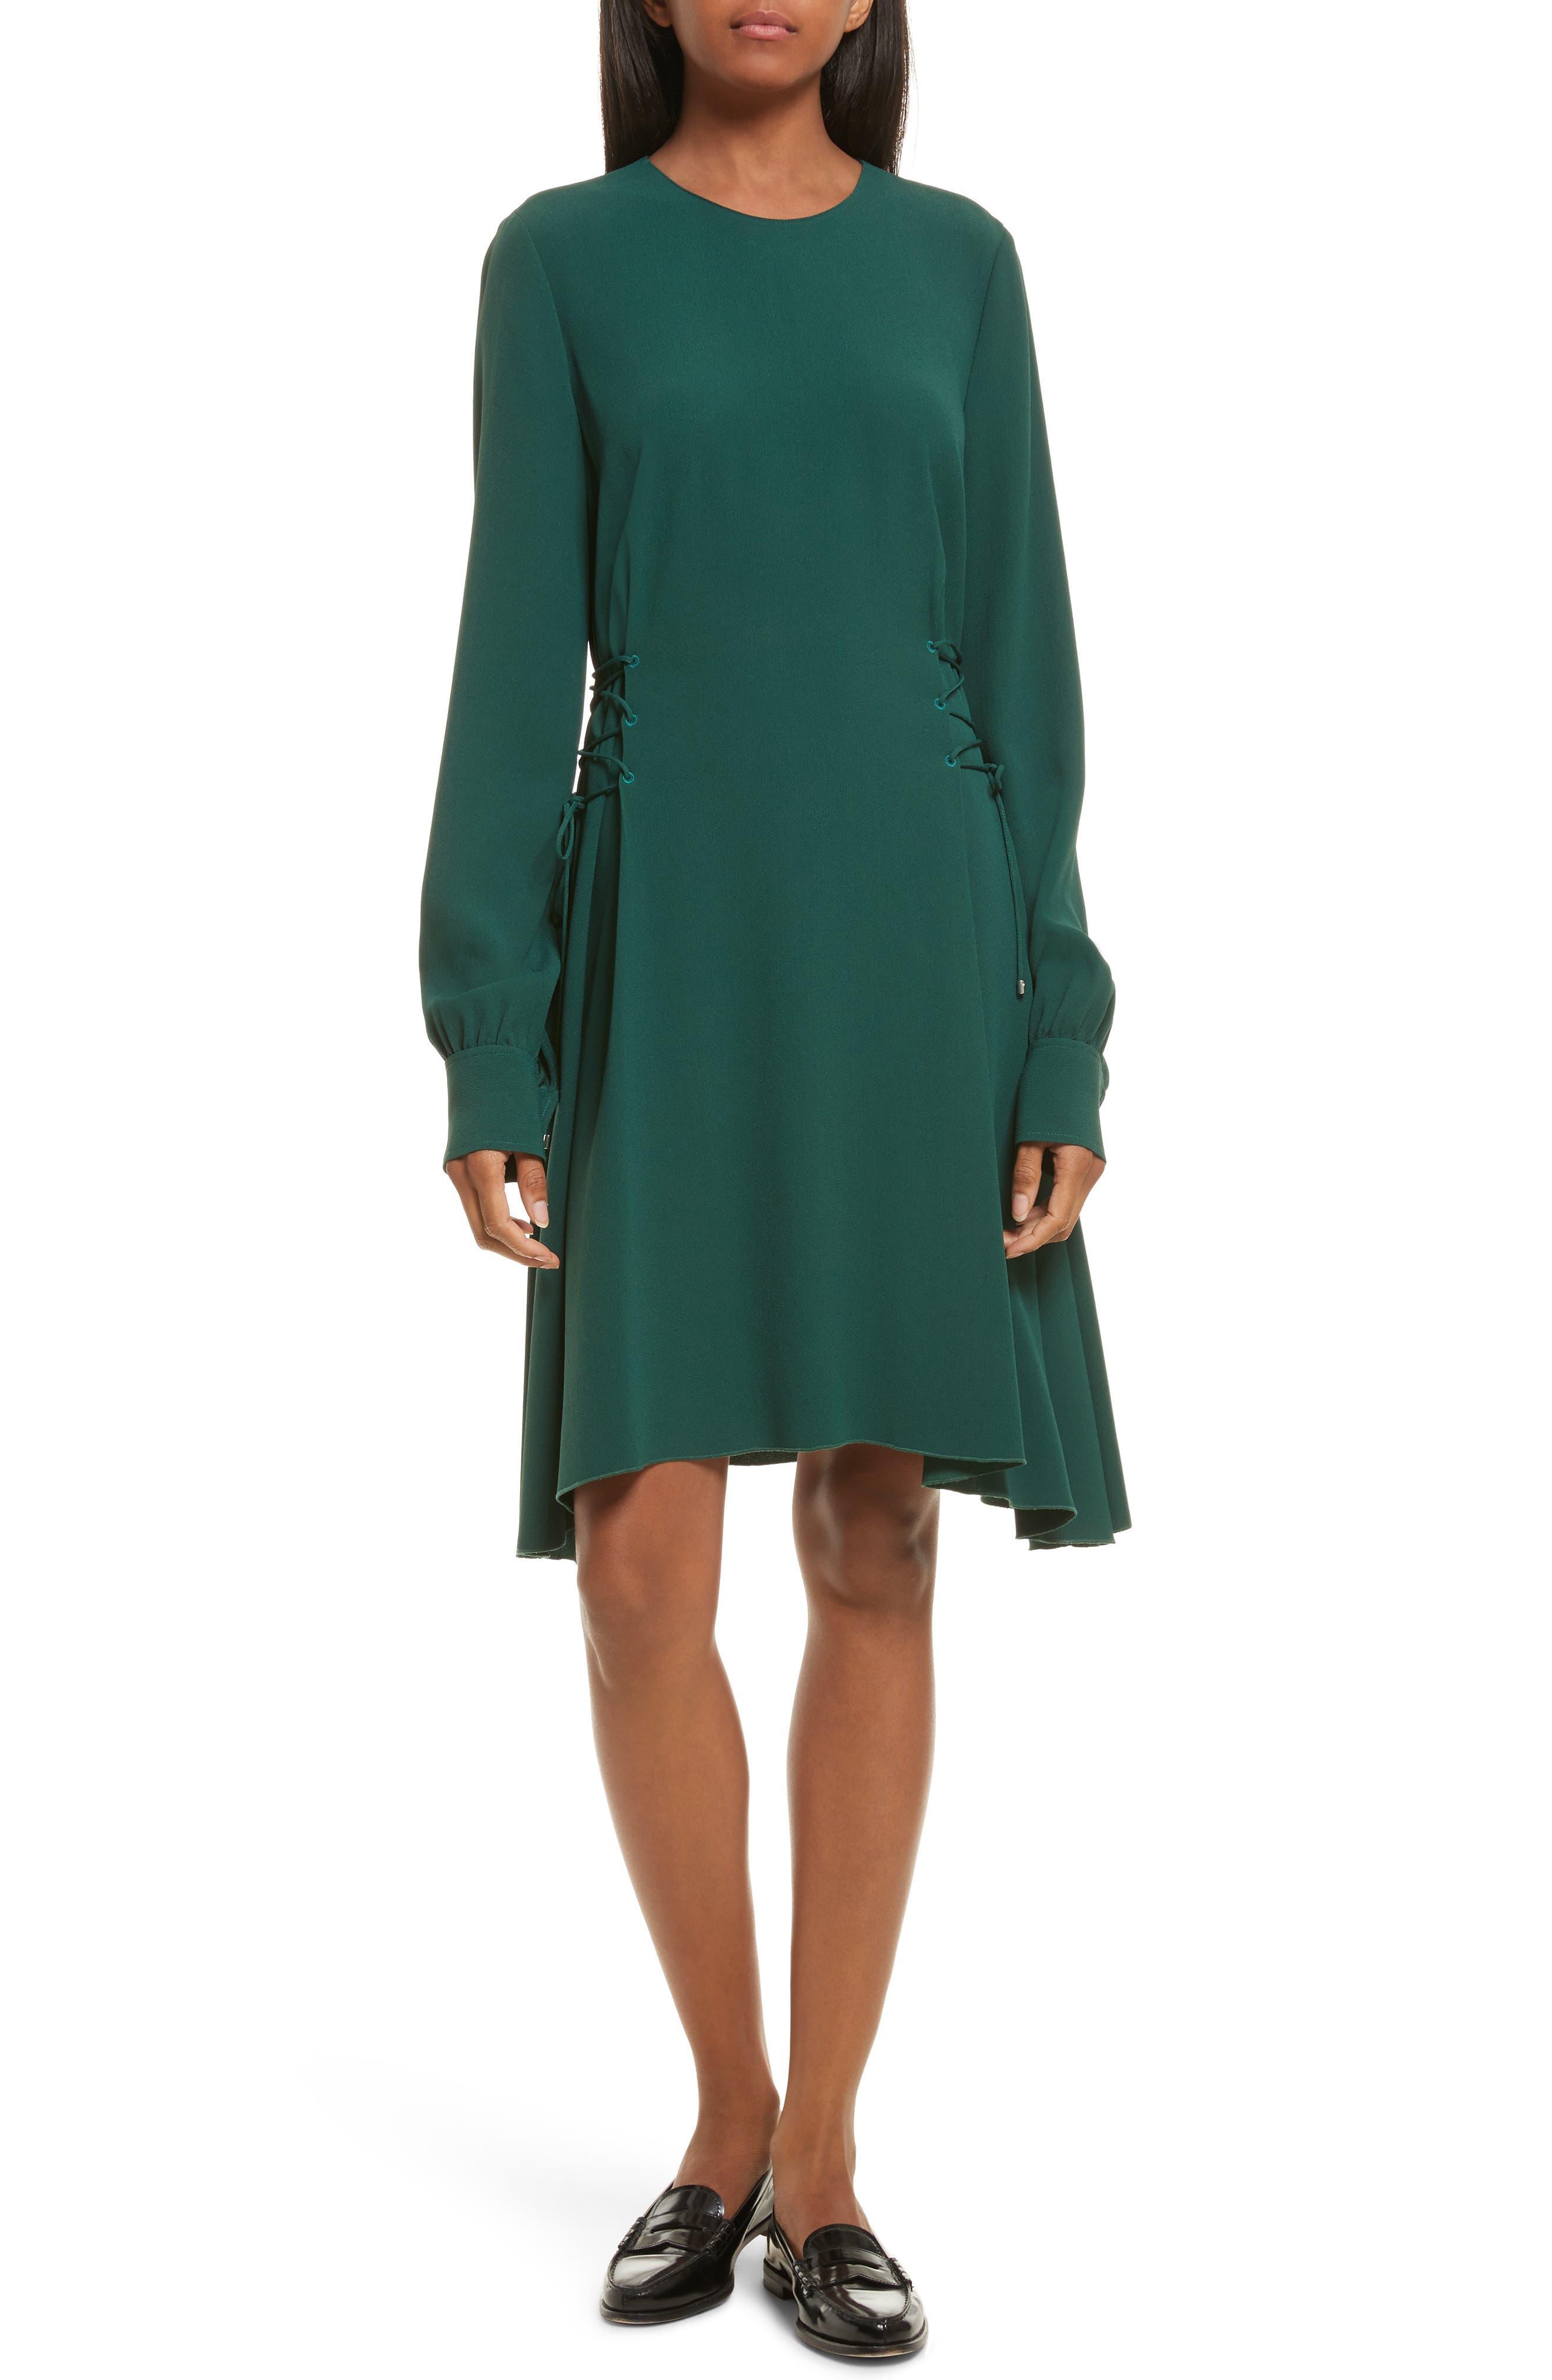 Kensington Lace-Up A-Line Dress,                         Main,                         color, Bright Hunter